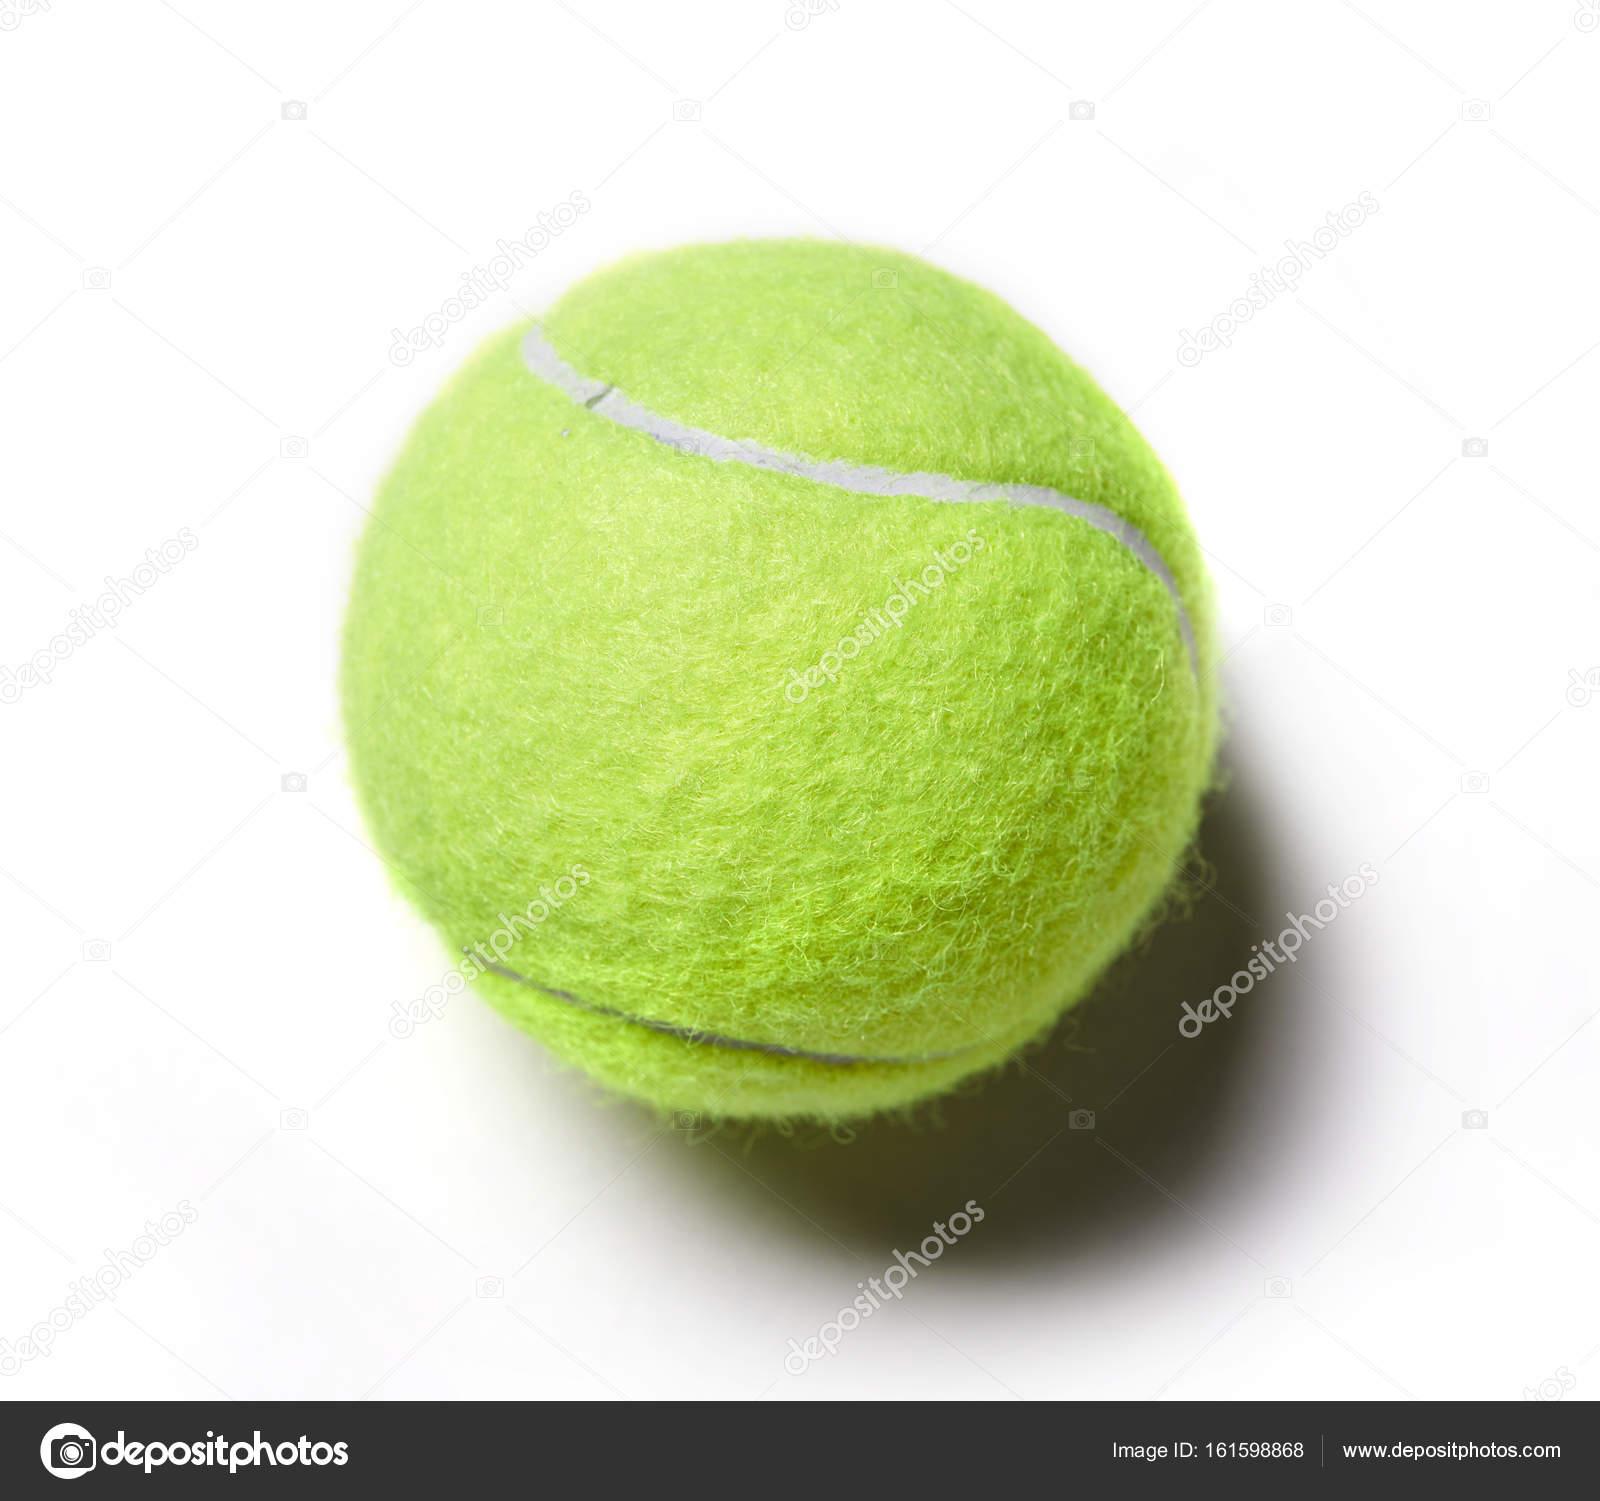 e0a164dc51bbd Balle de tennis vert isolé sur fond blanc — Image de strelok